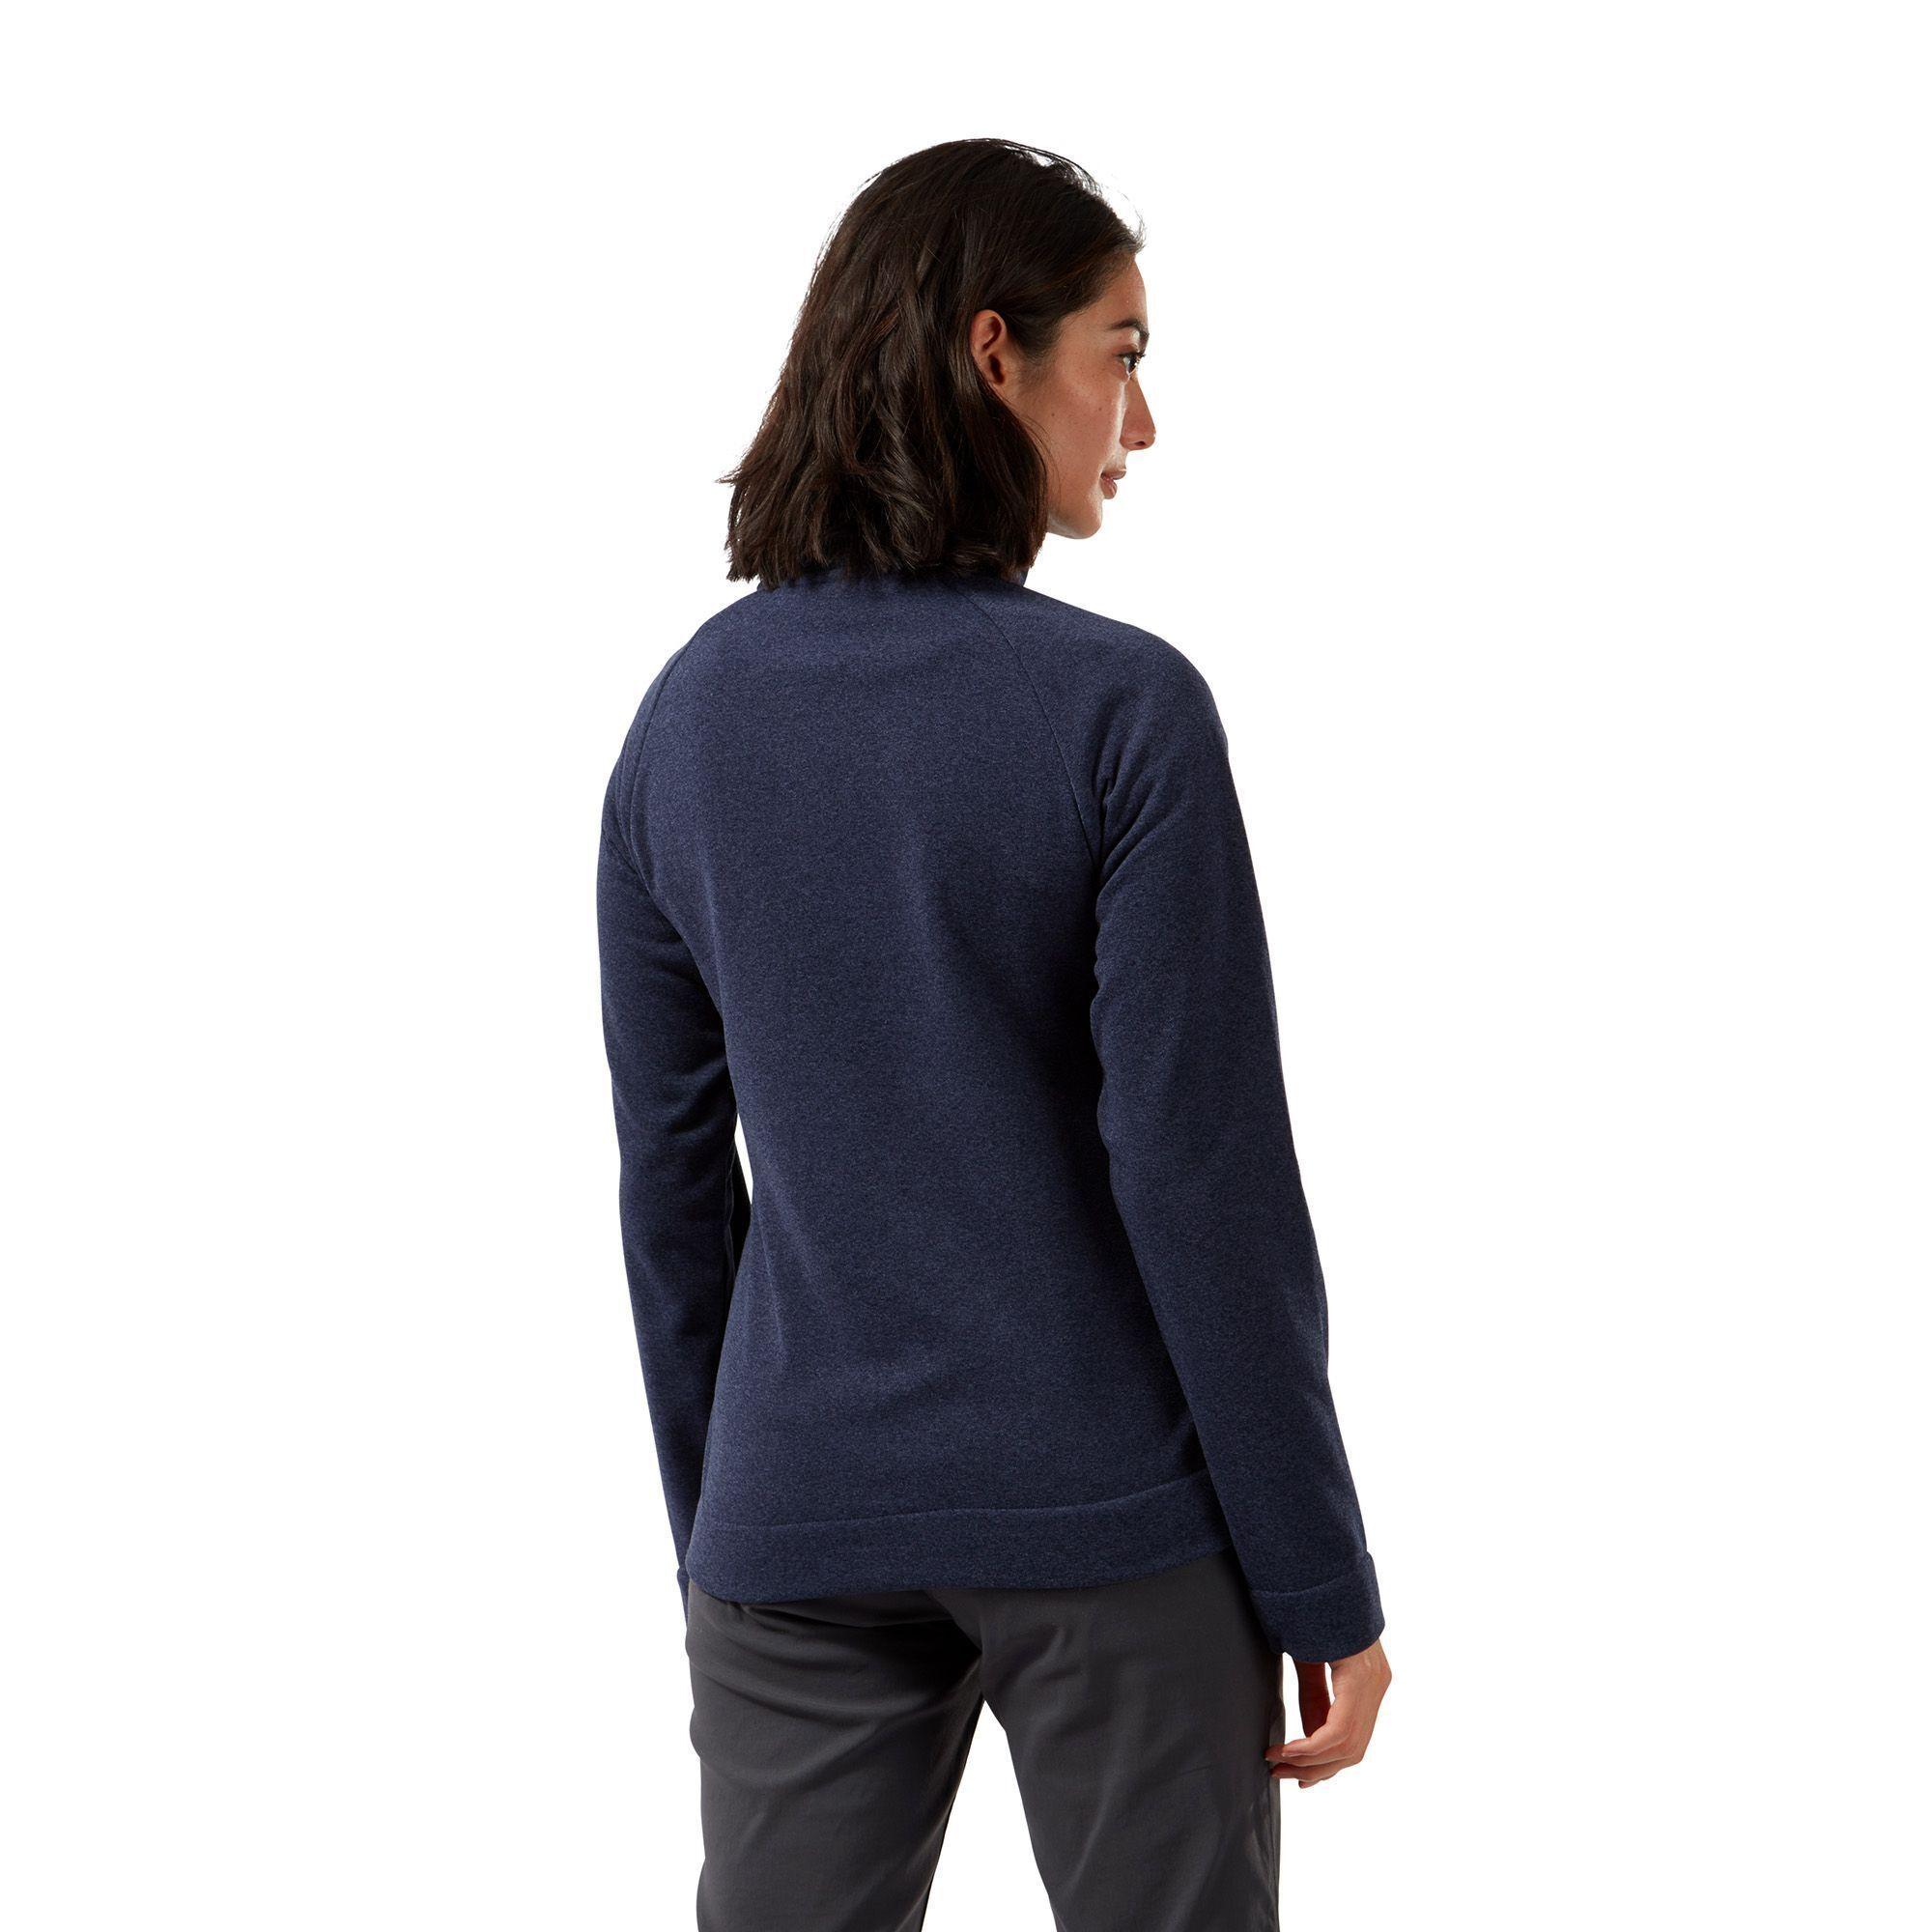 Craghoppers Womens/Ladies Helena Half Zip Fleece Top (Navy)